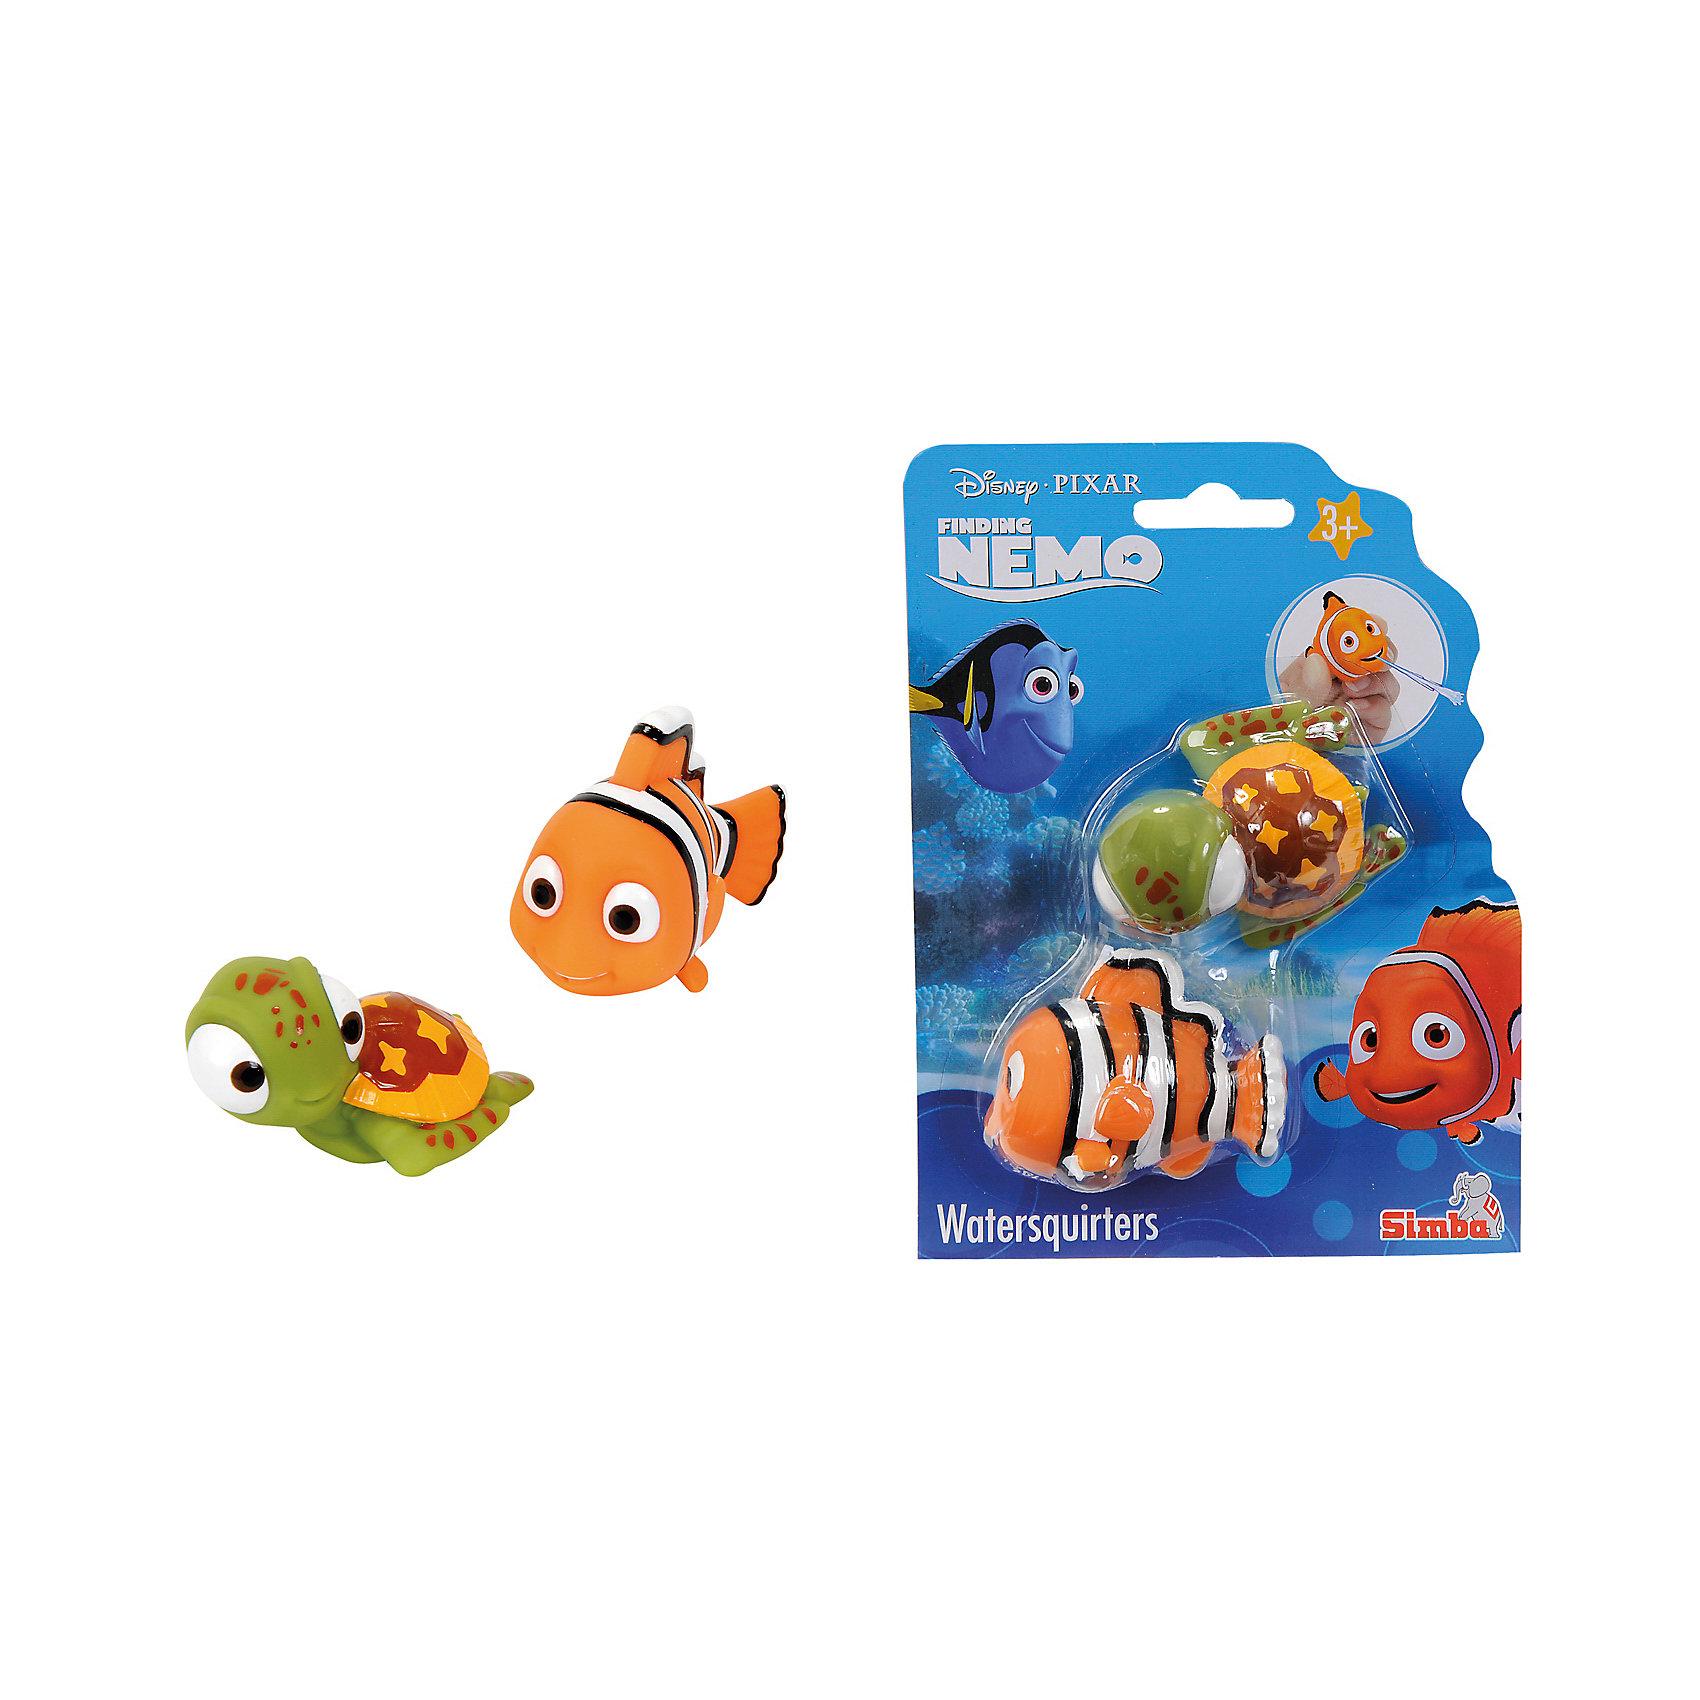 ФигуркиNemo, 2 шт., 7 см, SimbaВ поисках Дори<br>Характеристики:<br><br>• тип игрушек для купания: брызгалки;<br>• количество в наборе: 2 шт.;<br>• размер игрушки: 7 см;<br>• материал: резина;<br>• размер упаковки: 17х15х4 см.<br><br>Игрушки-брызгалки для купания позабавят кроху во время водных процедур. Игрушки выпускают фонтанчики воды, струйки щекочут малыша. Игрушки выполнены из качественной резины, по мотивам мультфильма «В поисках Немо». <br><br>Фигурки Nemo, 2 шт., 7 см, Simba можно купить в нашем магазине.<br><br>Ширина мм: 150<br>Глубина мм: 40<br>Высота мм: 170<br>Вес г: 90<br>Возраст от месяцев: 36<br>Возраст до месяцев: 84<br>Пол: Унисекс<br>Возраст: Детский<br>SKU: 5295525